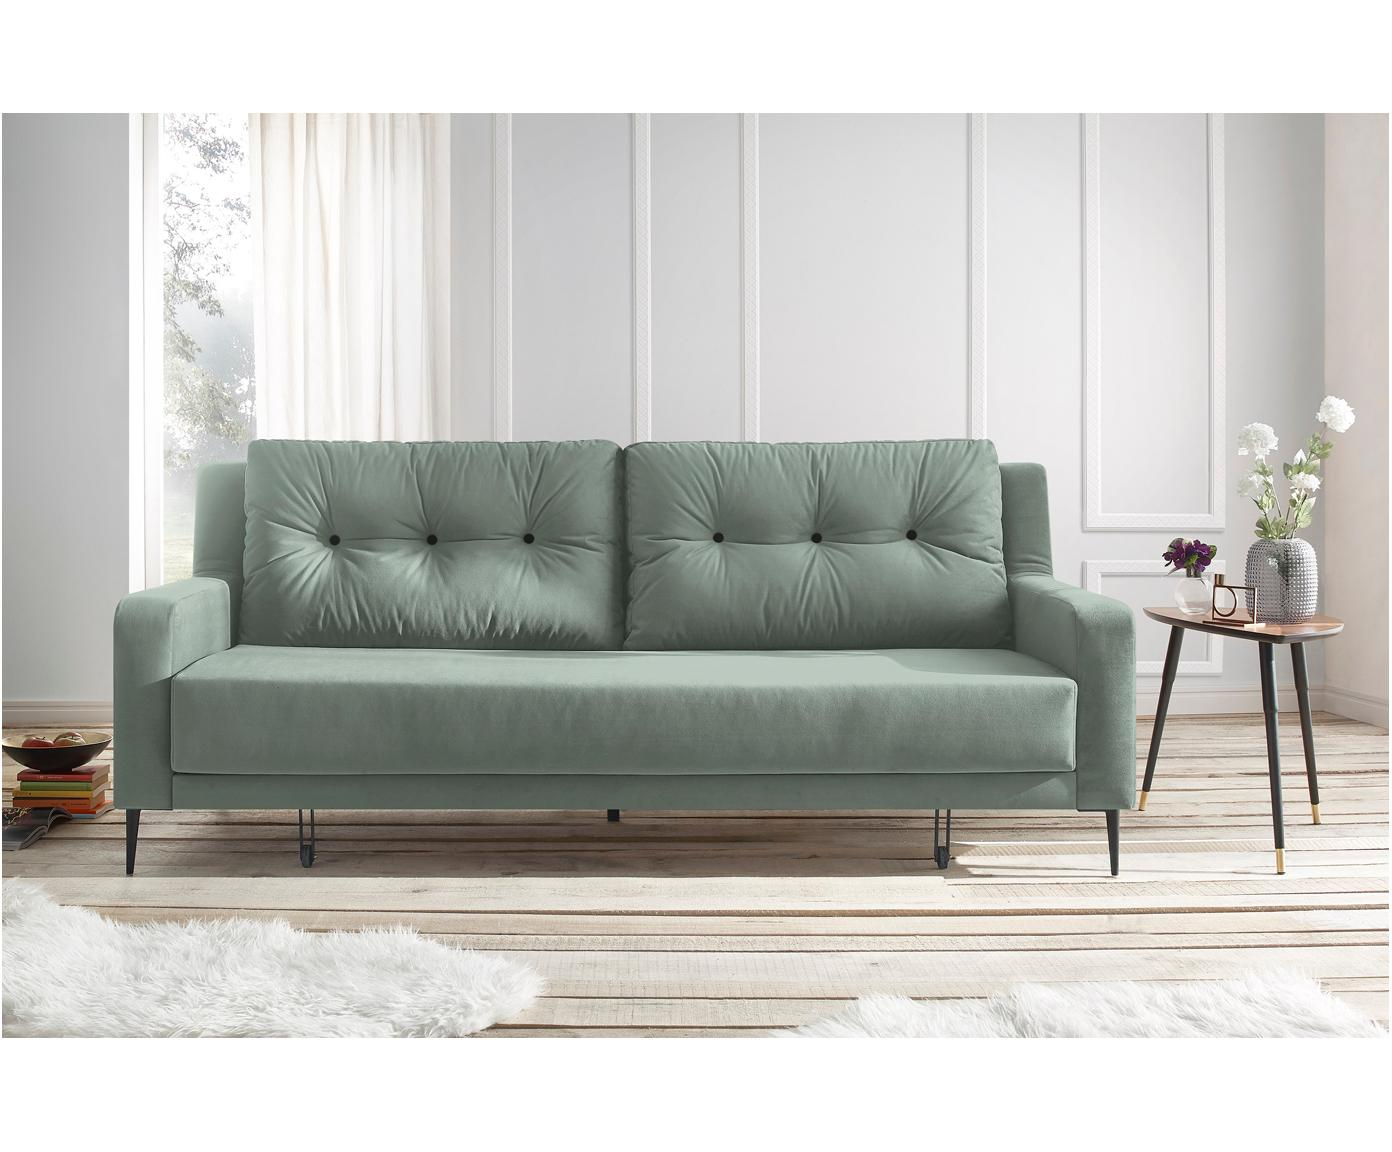 Sofa rozkładana z aksamitu Bergen (3-osobowa), Tapicerka: 100% aksamit poliestrowy, Nogi: metal lakierowany, Zielony miętowy, S 222 x G 92 cm